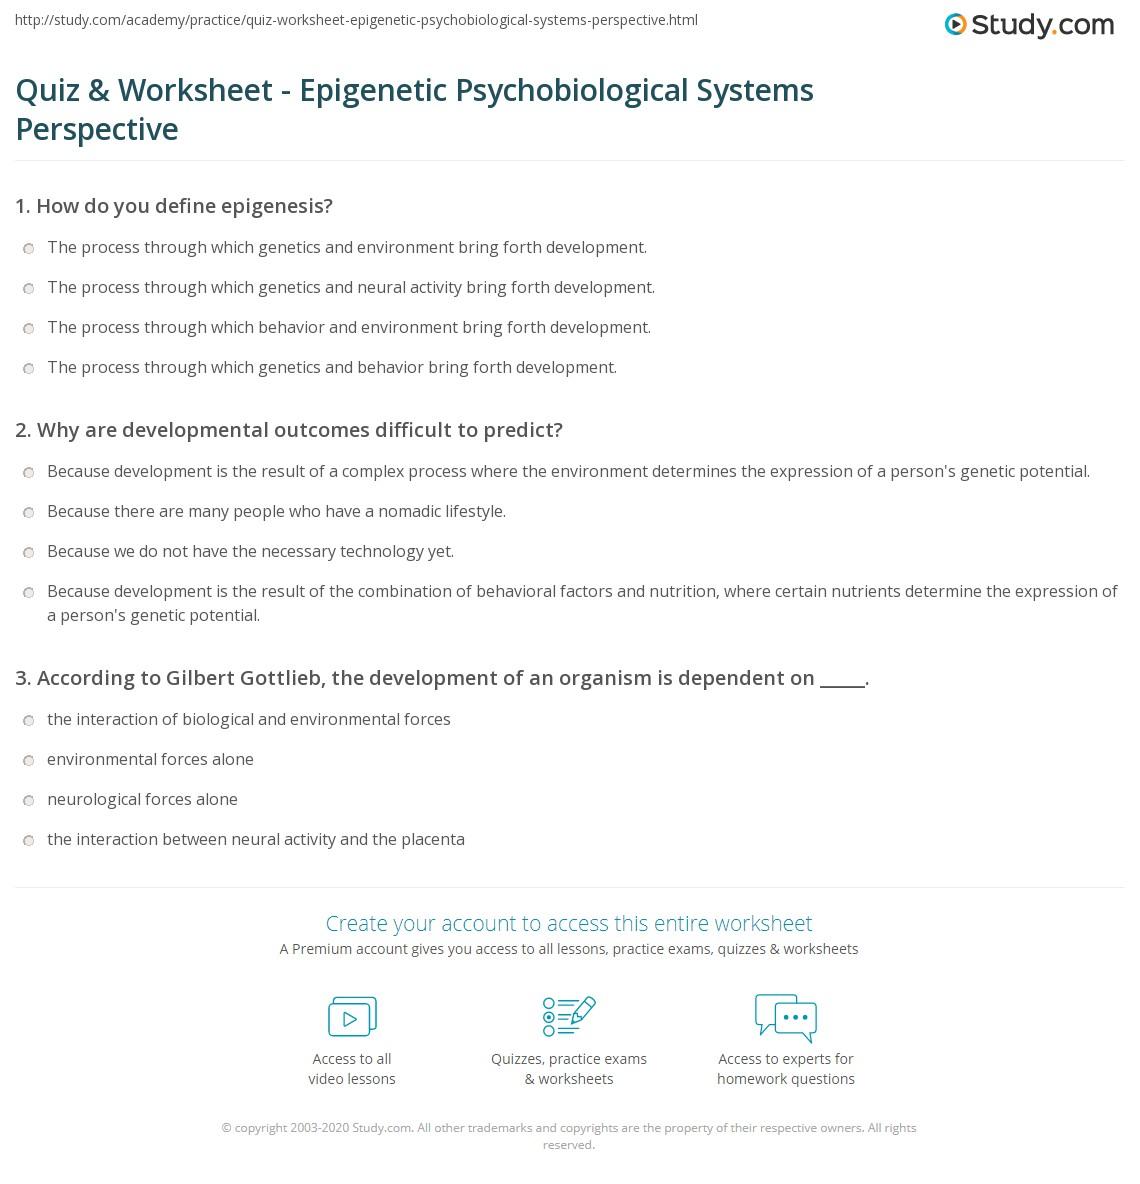 worksheet Perspective Worksheets quiz worksheet epigenetic psychobiological systems perspective print gottliebs concepts definitions worksheet